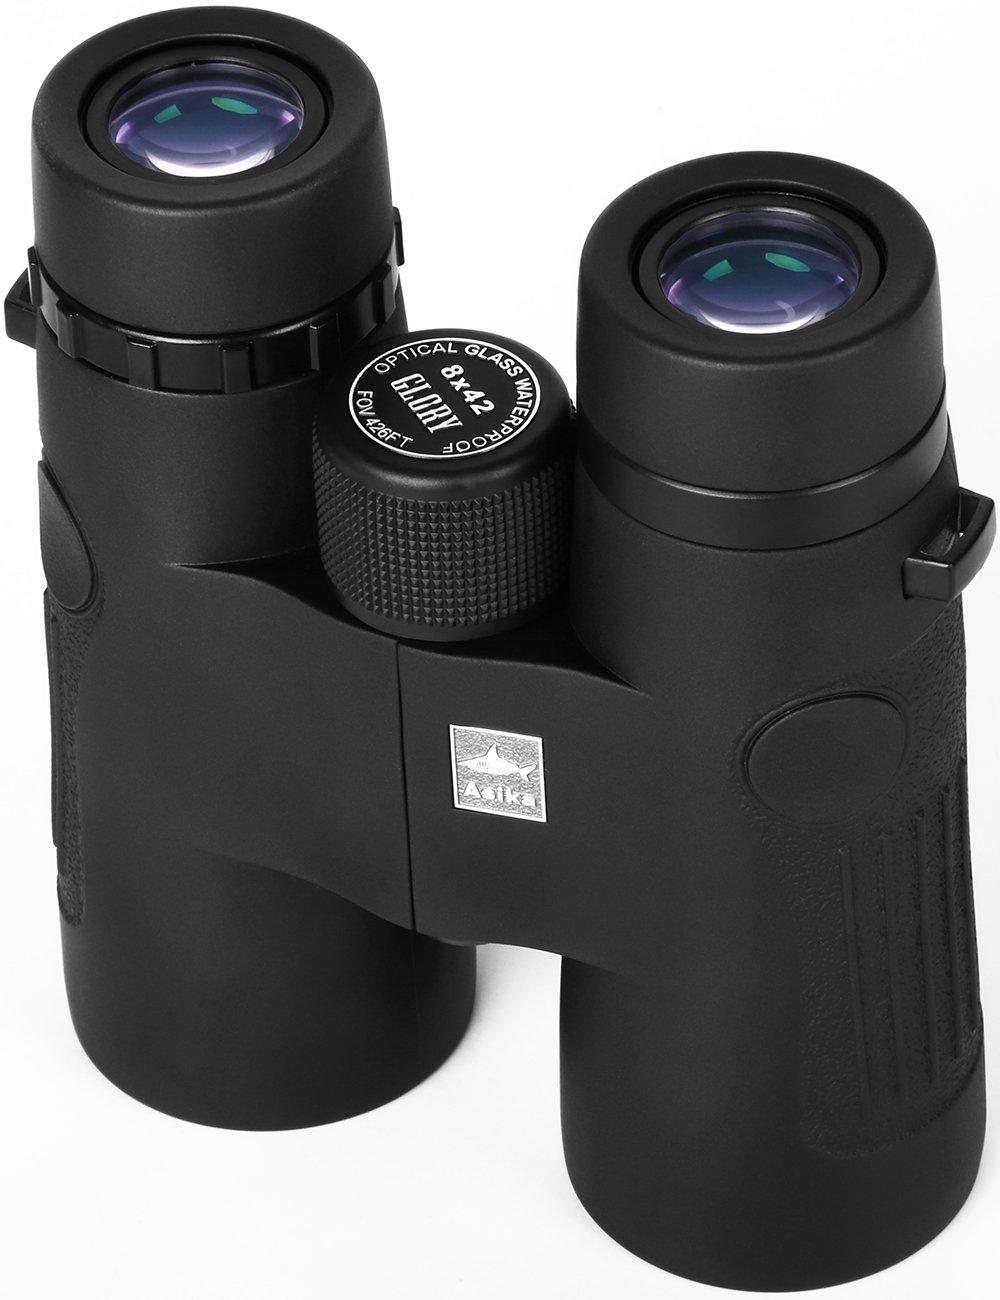 ウルトラHD双眼鏡、広い角度、8 x 42、100 %防水、Fogproof B07CWQD4W2